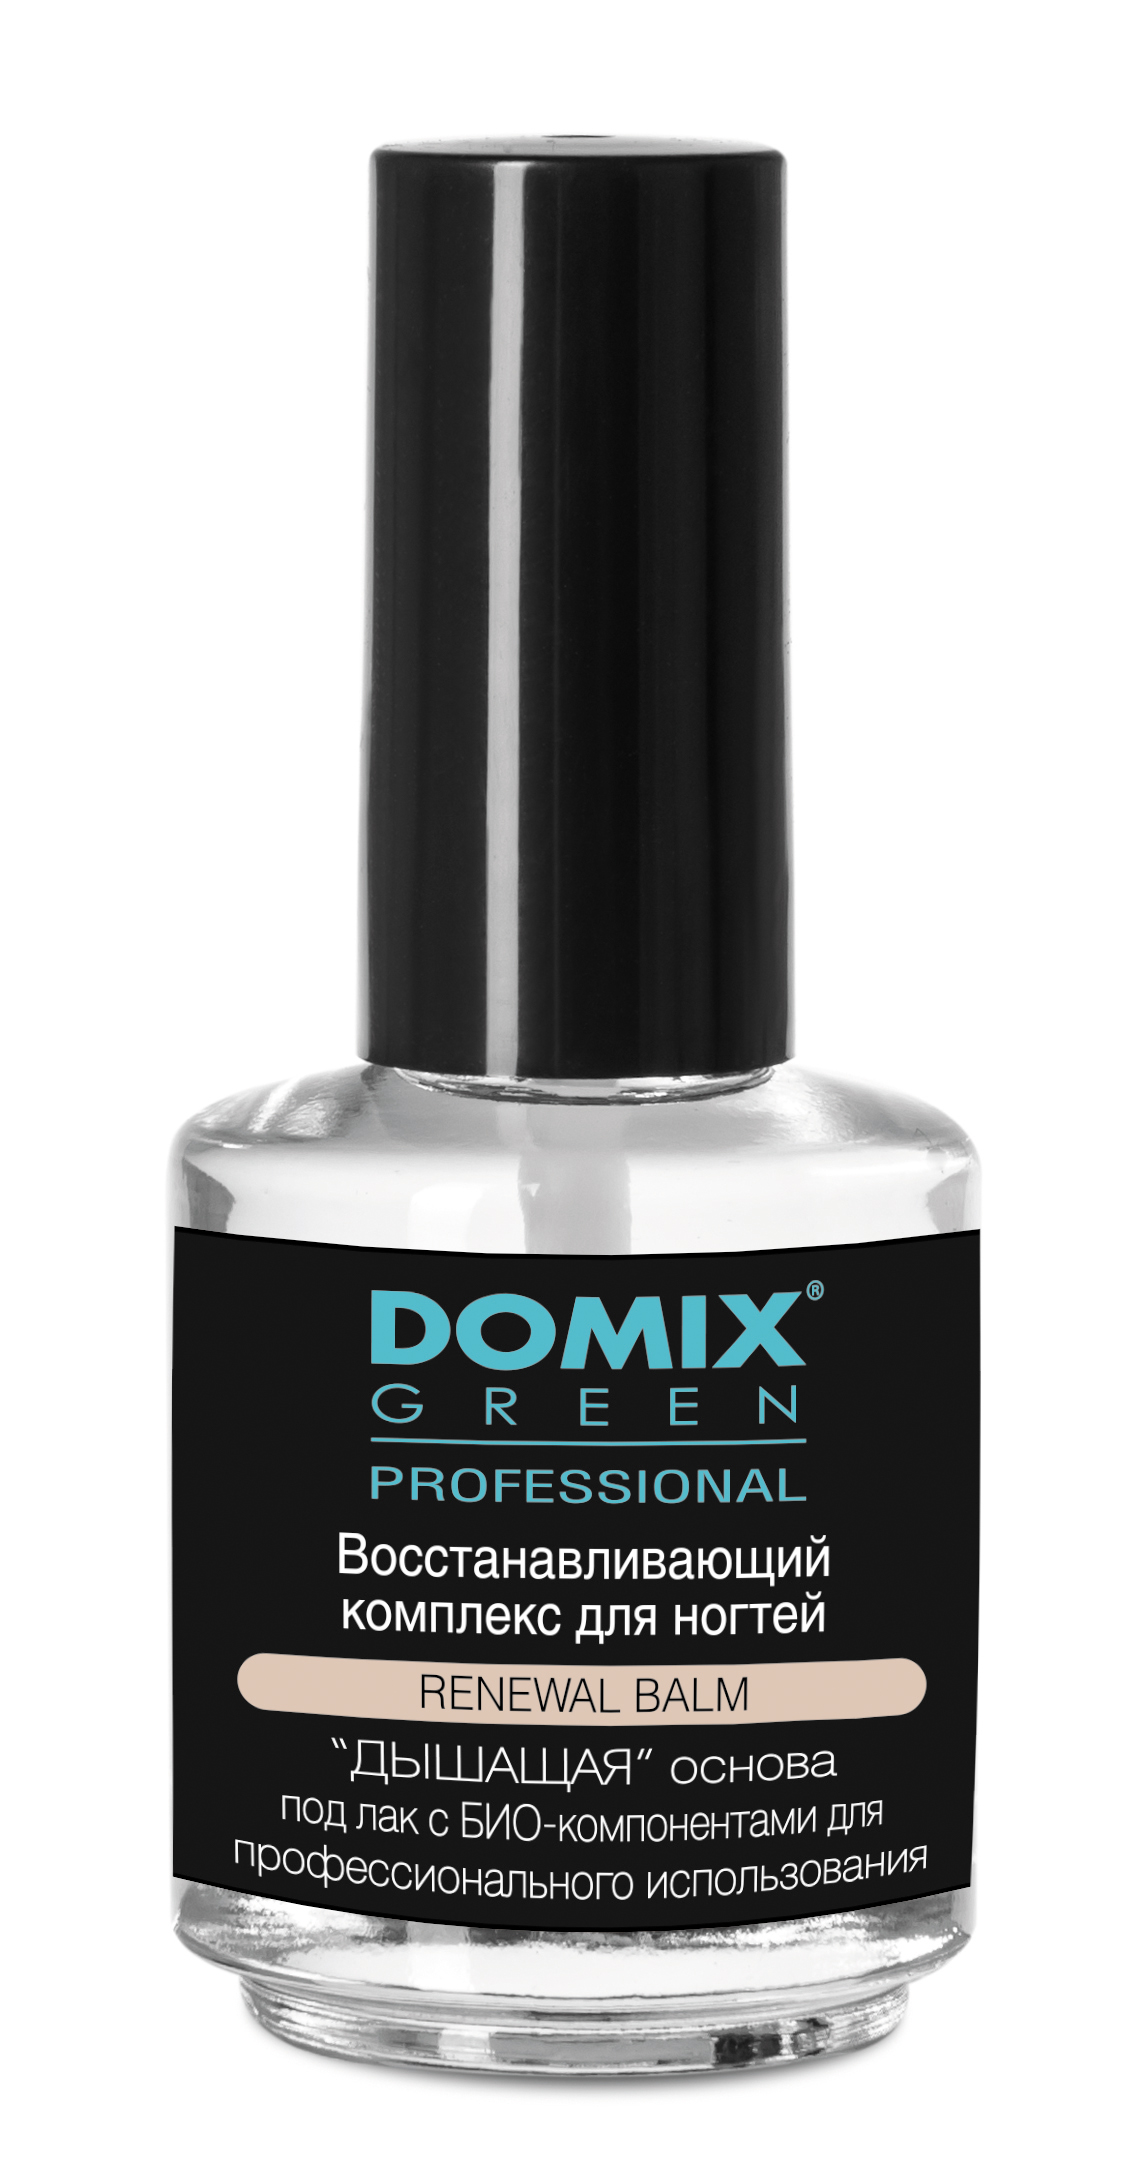 DOMIX Комплекс восстанавливающий для ногтей / DGP 17 мл